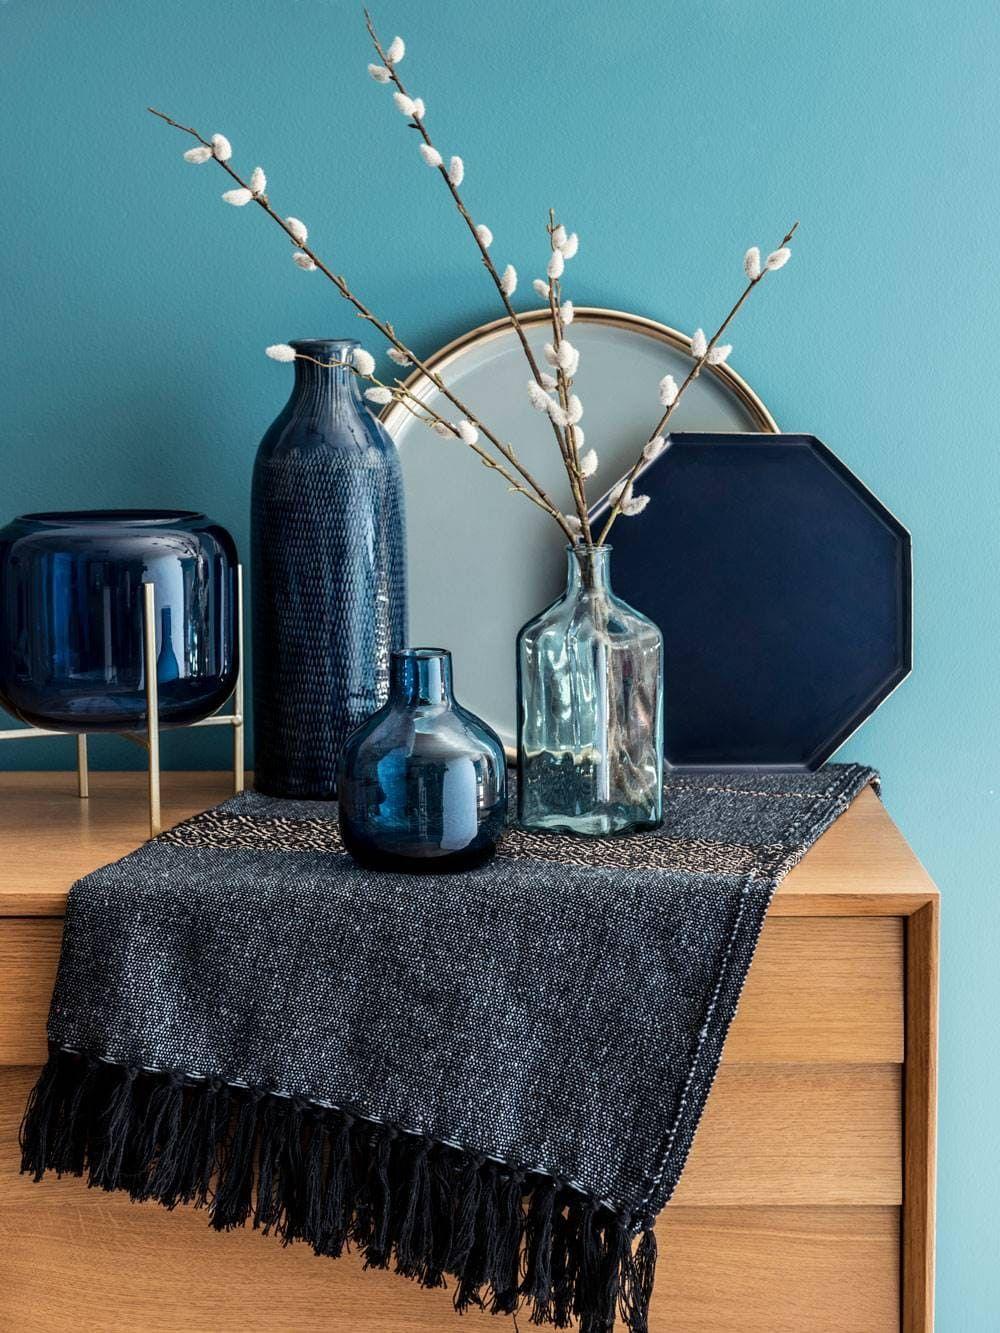 mobilier bois mur bleu accessoires verre soufflé